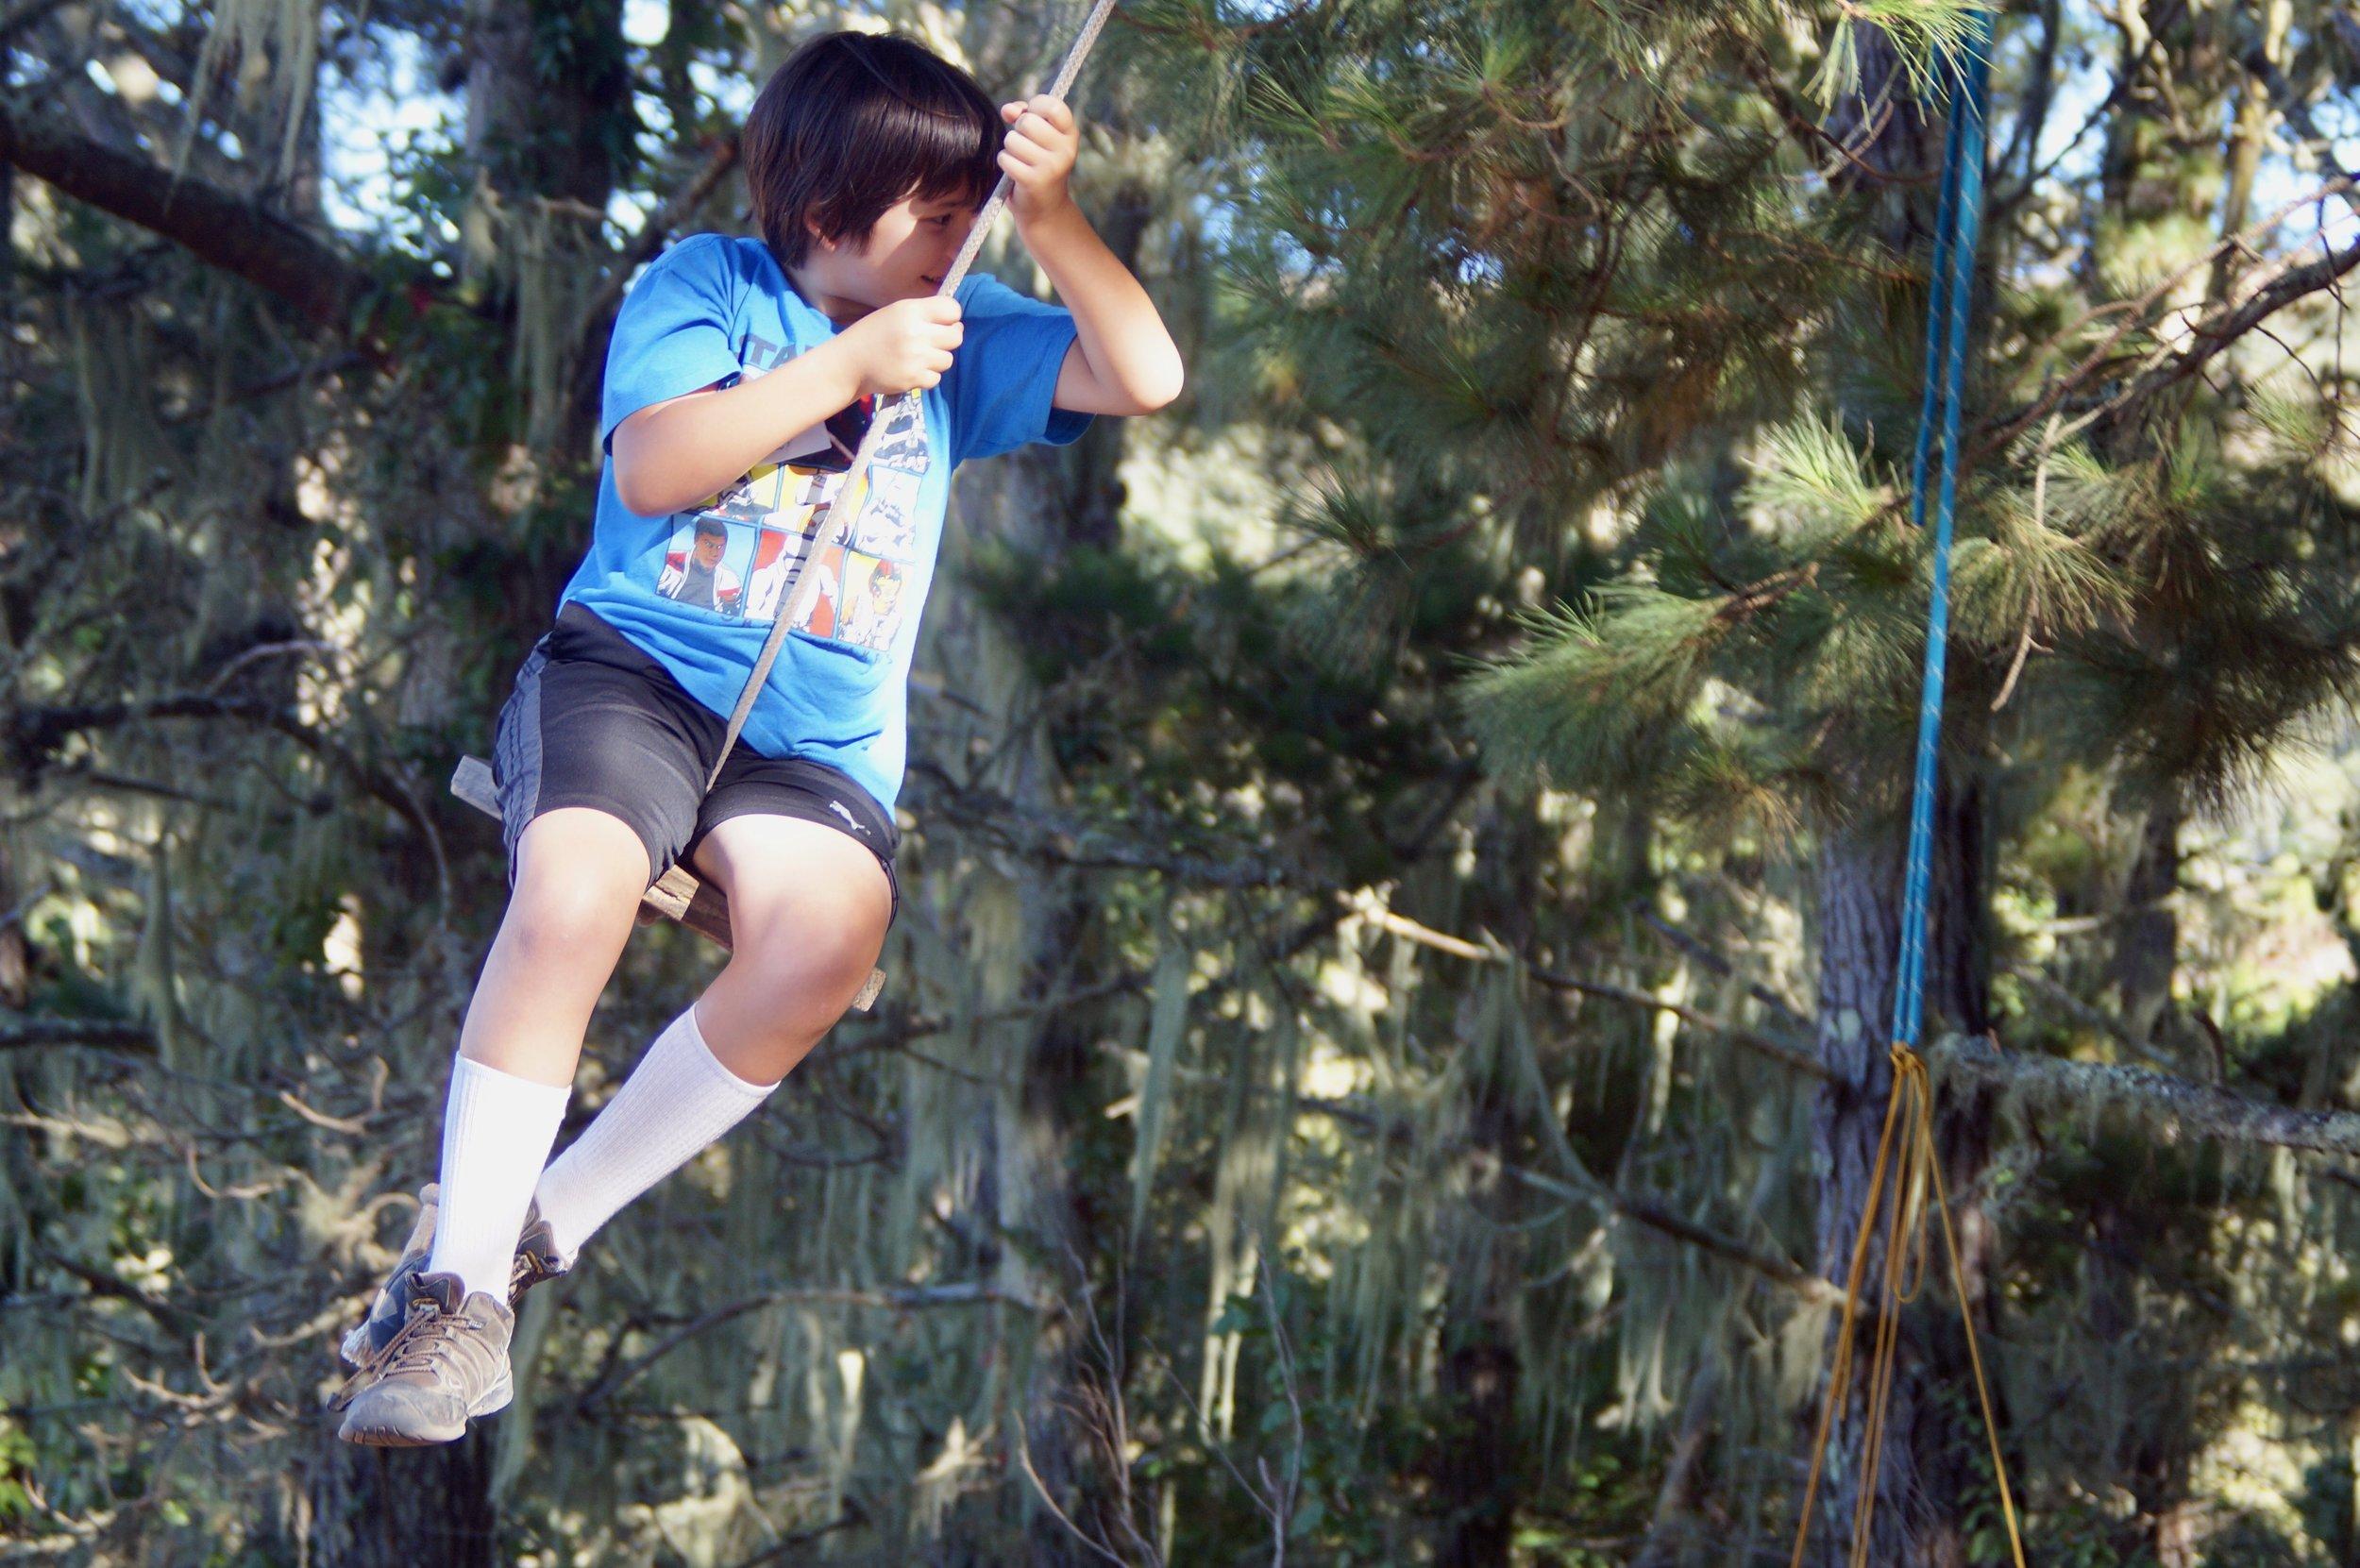 Alex swings joyfully on the tree swing.